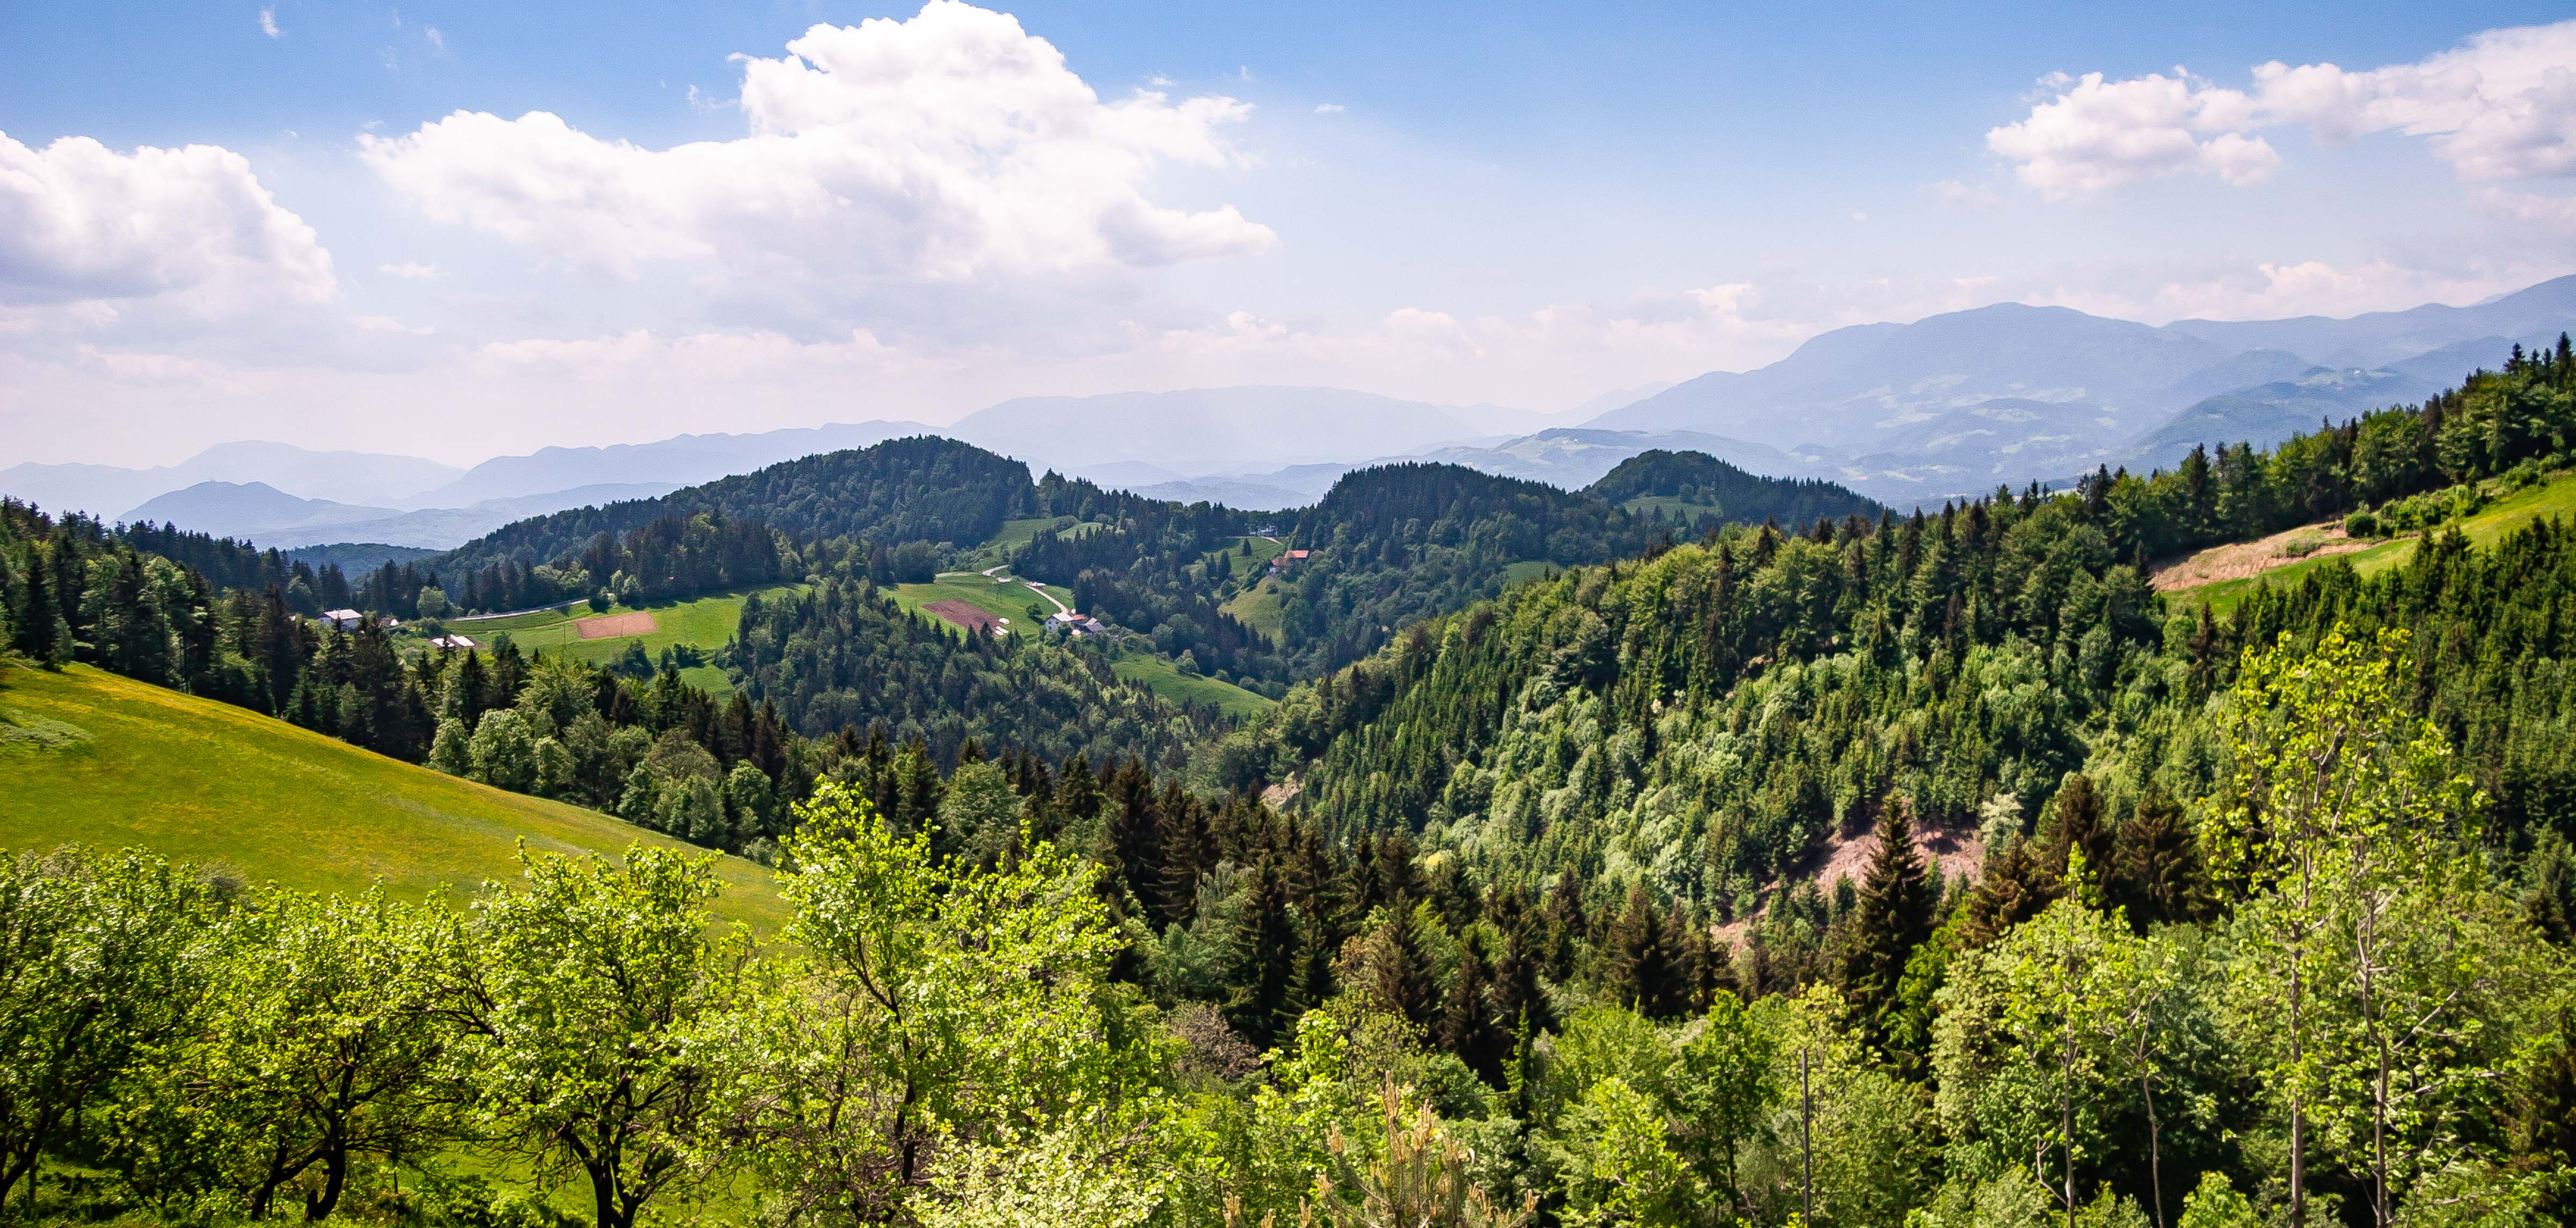 Slovenia, Slovenj Gradec Prov, Landscape, 2006, IMG 8551